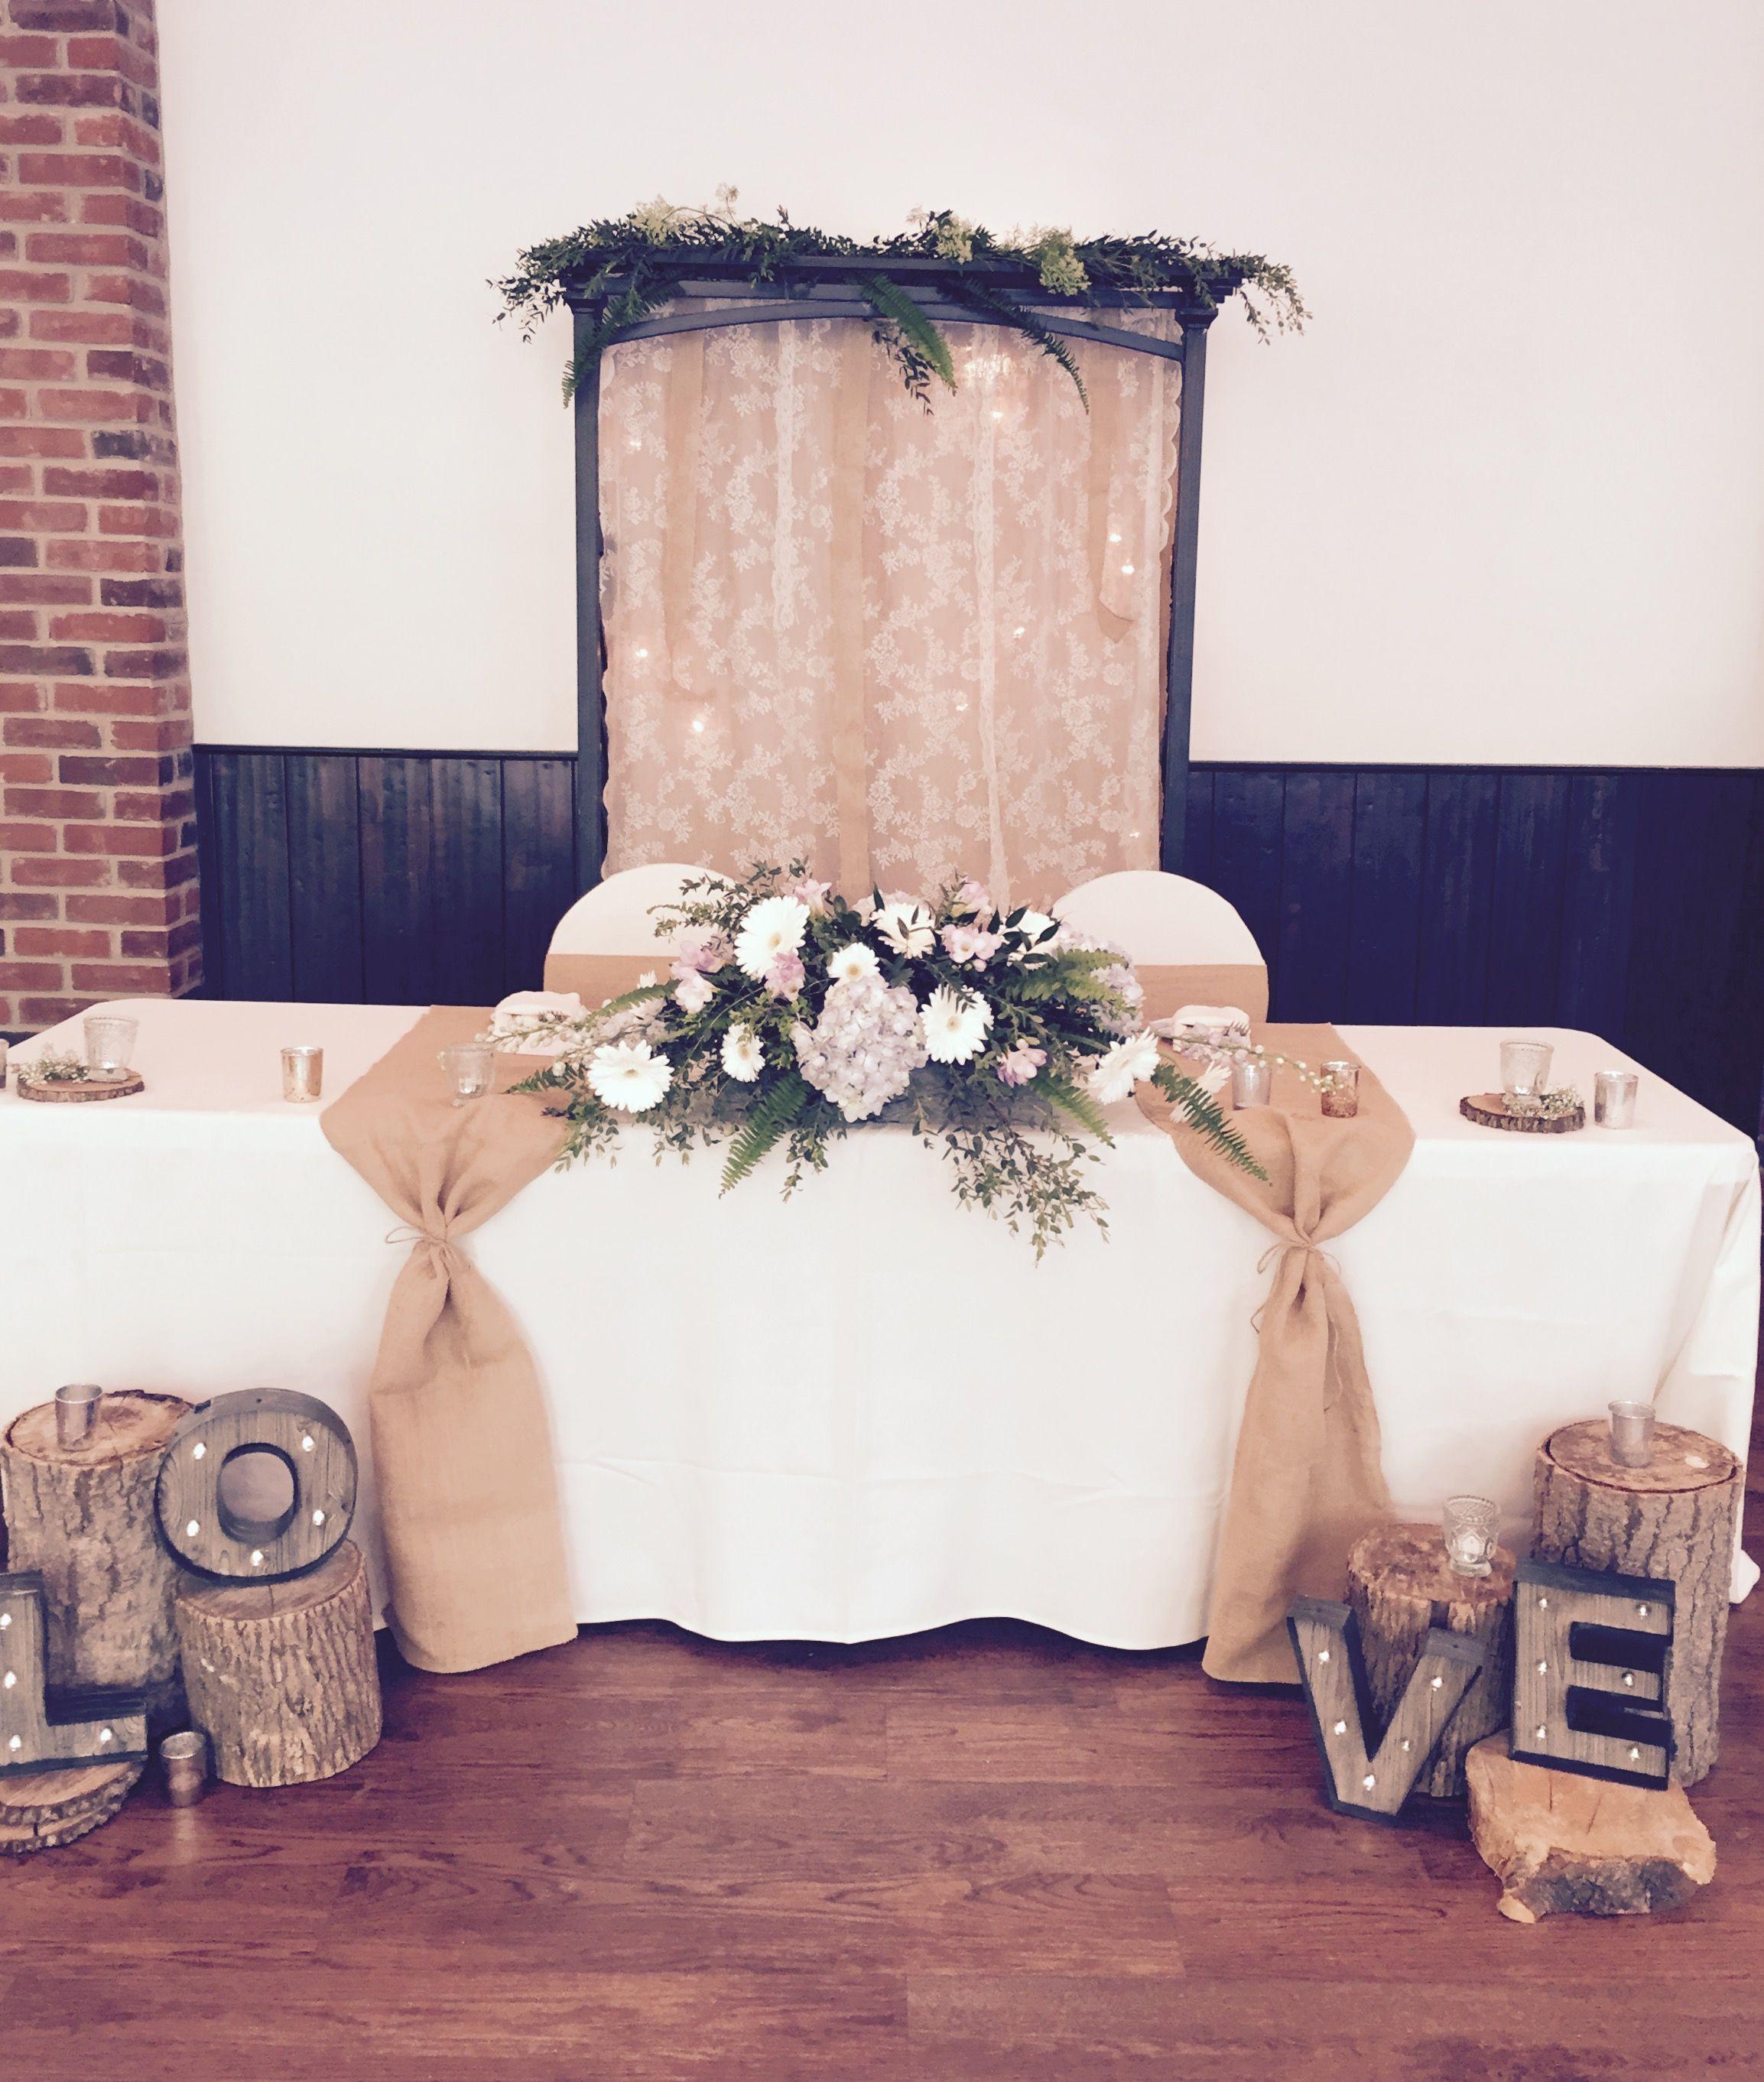 Wedding Reception Head Table Ideas: Gorgeous Rustic Head Table Wedding At Fantasy Farm